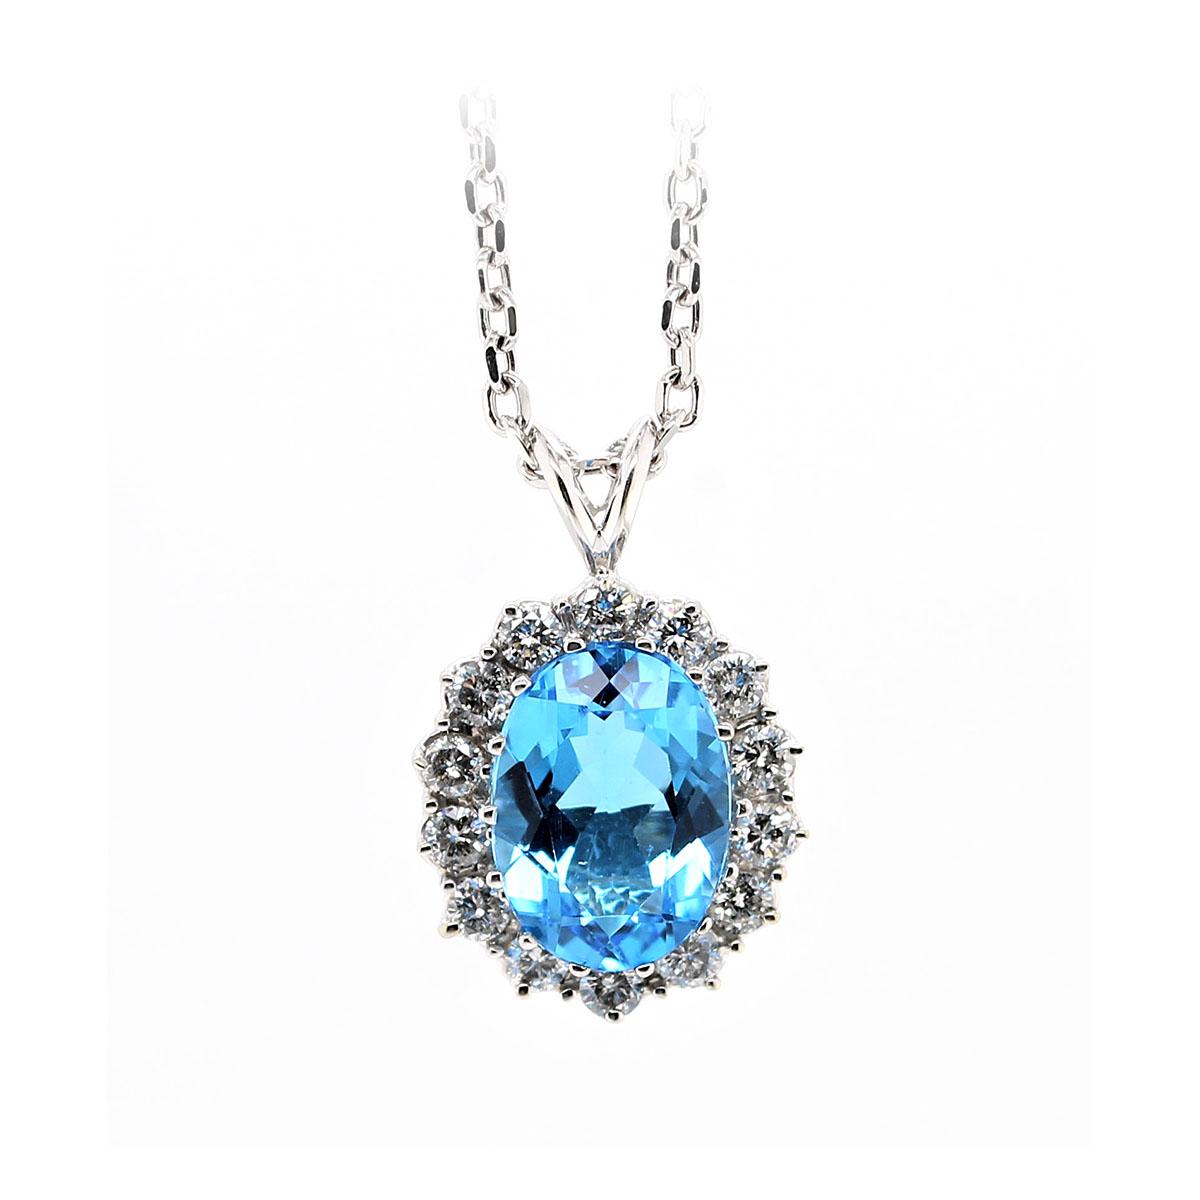 14 Karat White Gold Oval Blue Topaz and Diamond Necklace